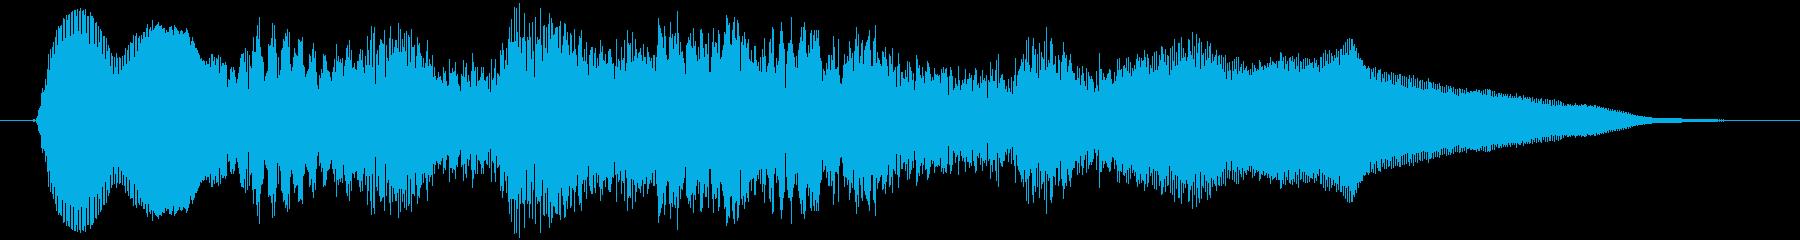 ティーロリロリロリーン(アジア、弦楽器)の再生済みの波形